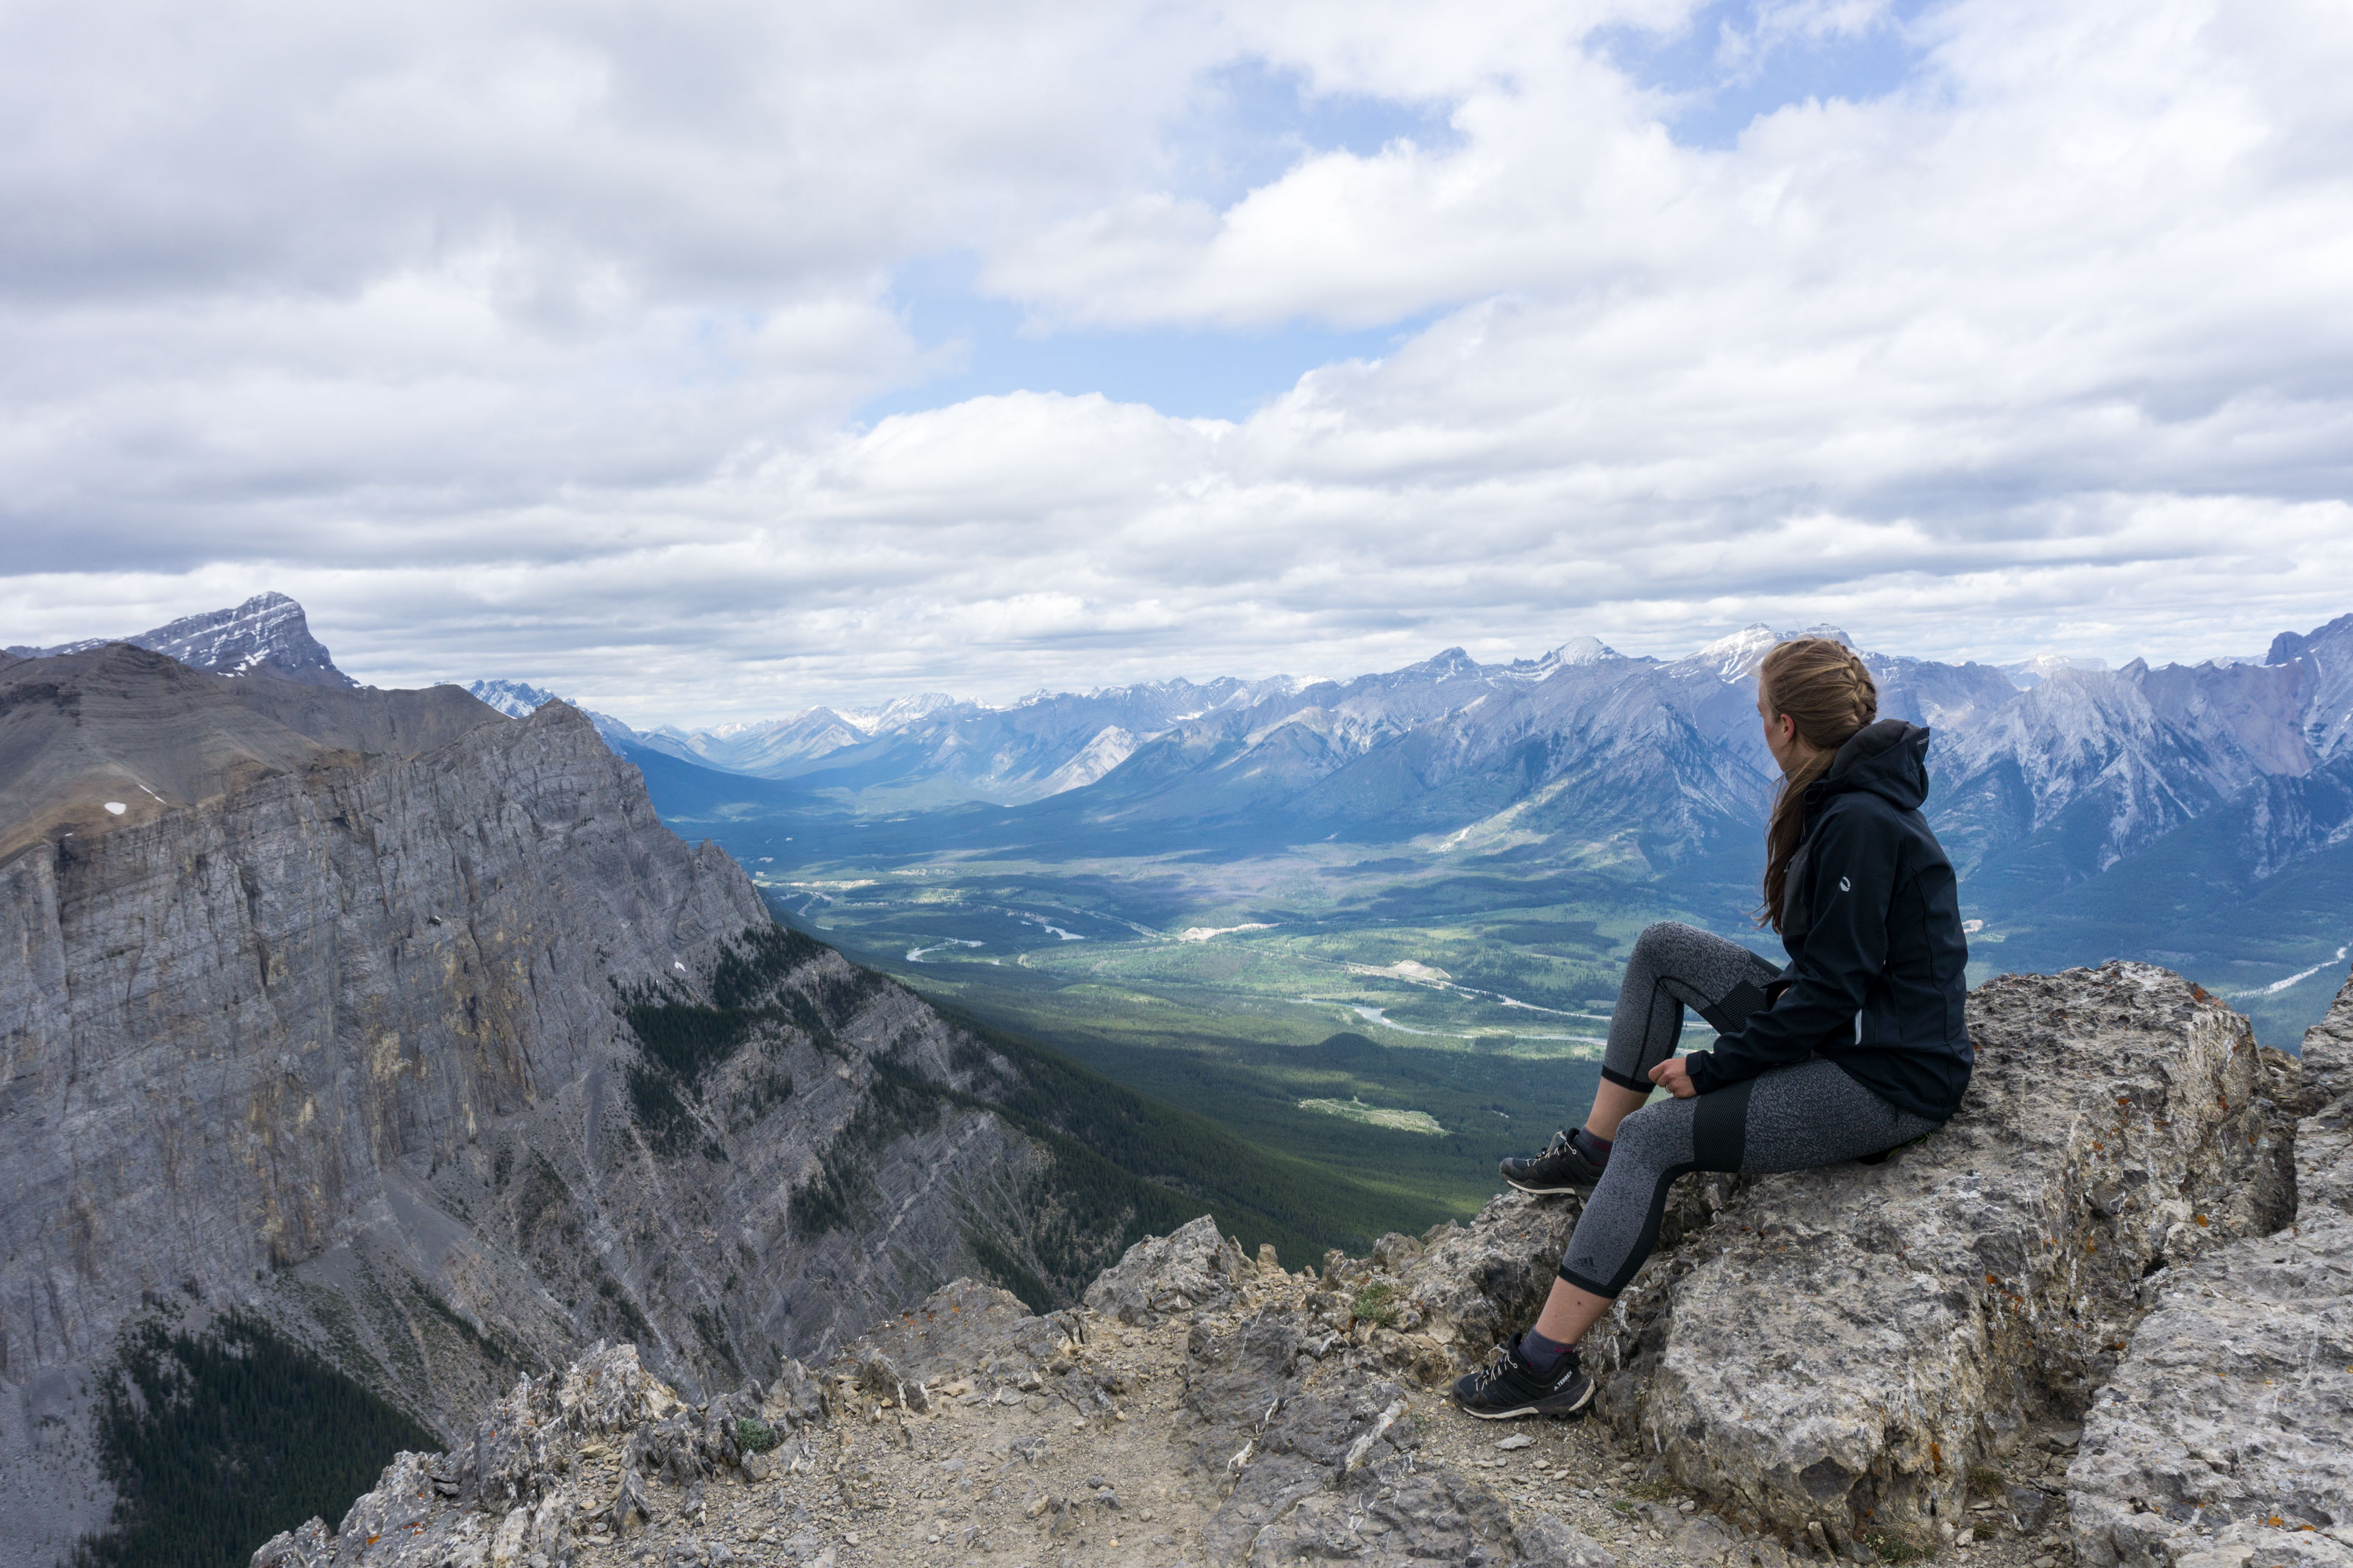 Ha Ling Peak aneb parádní výhled na Rockies skoro bez námahy